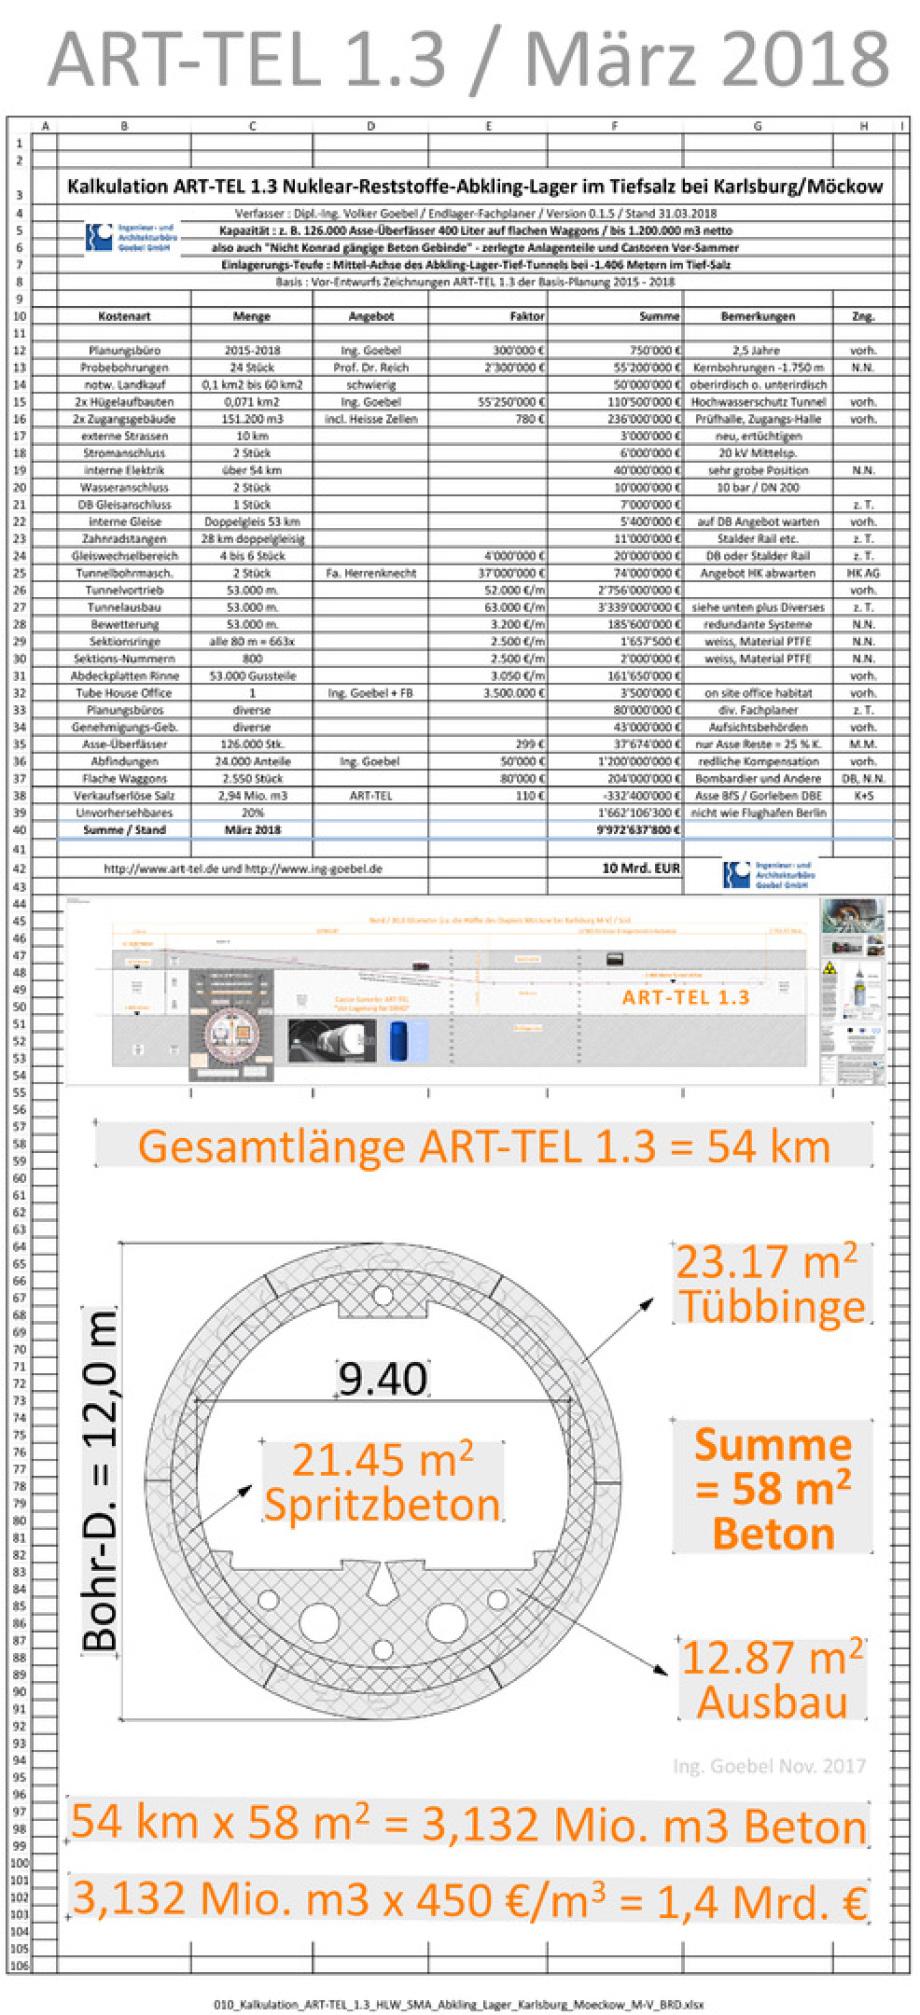 nur kleine Anpassungen in der ART-TEL 1.3 Kalkulation - Preis bleibt bei 10 Mrd. EUR - für BGE GmbH Peine - für BFE Berlin